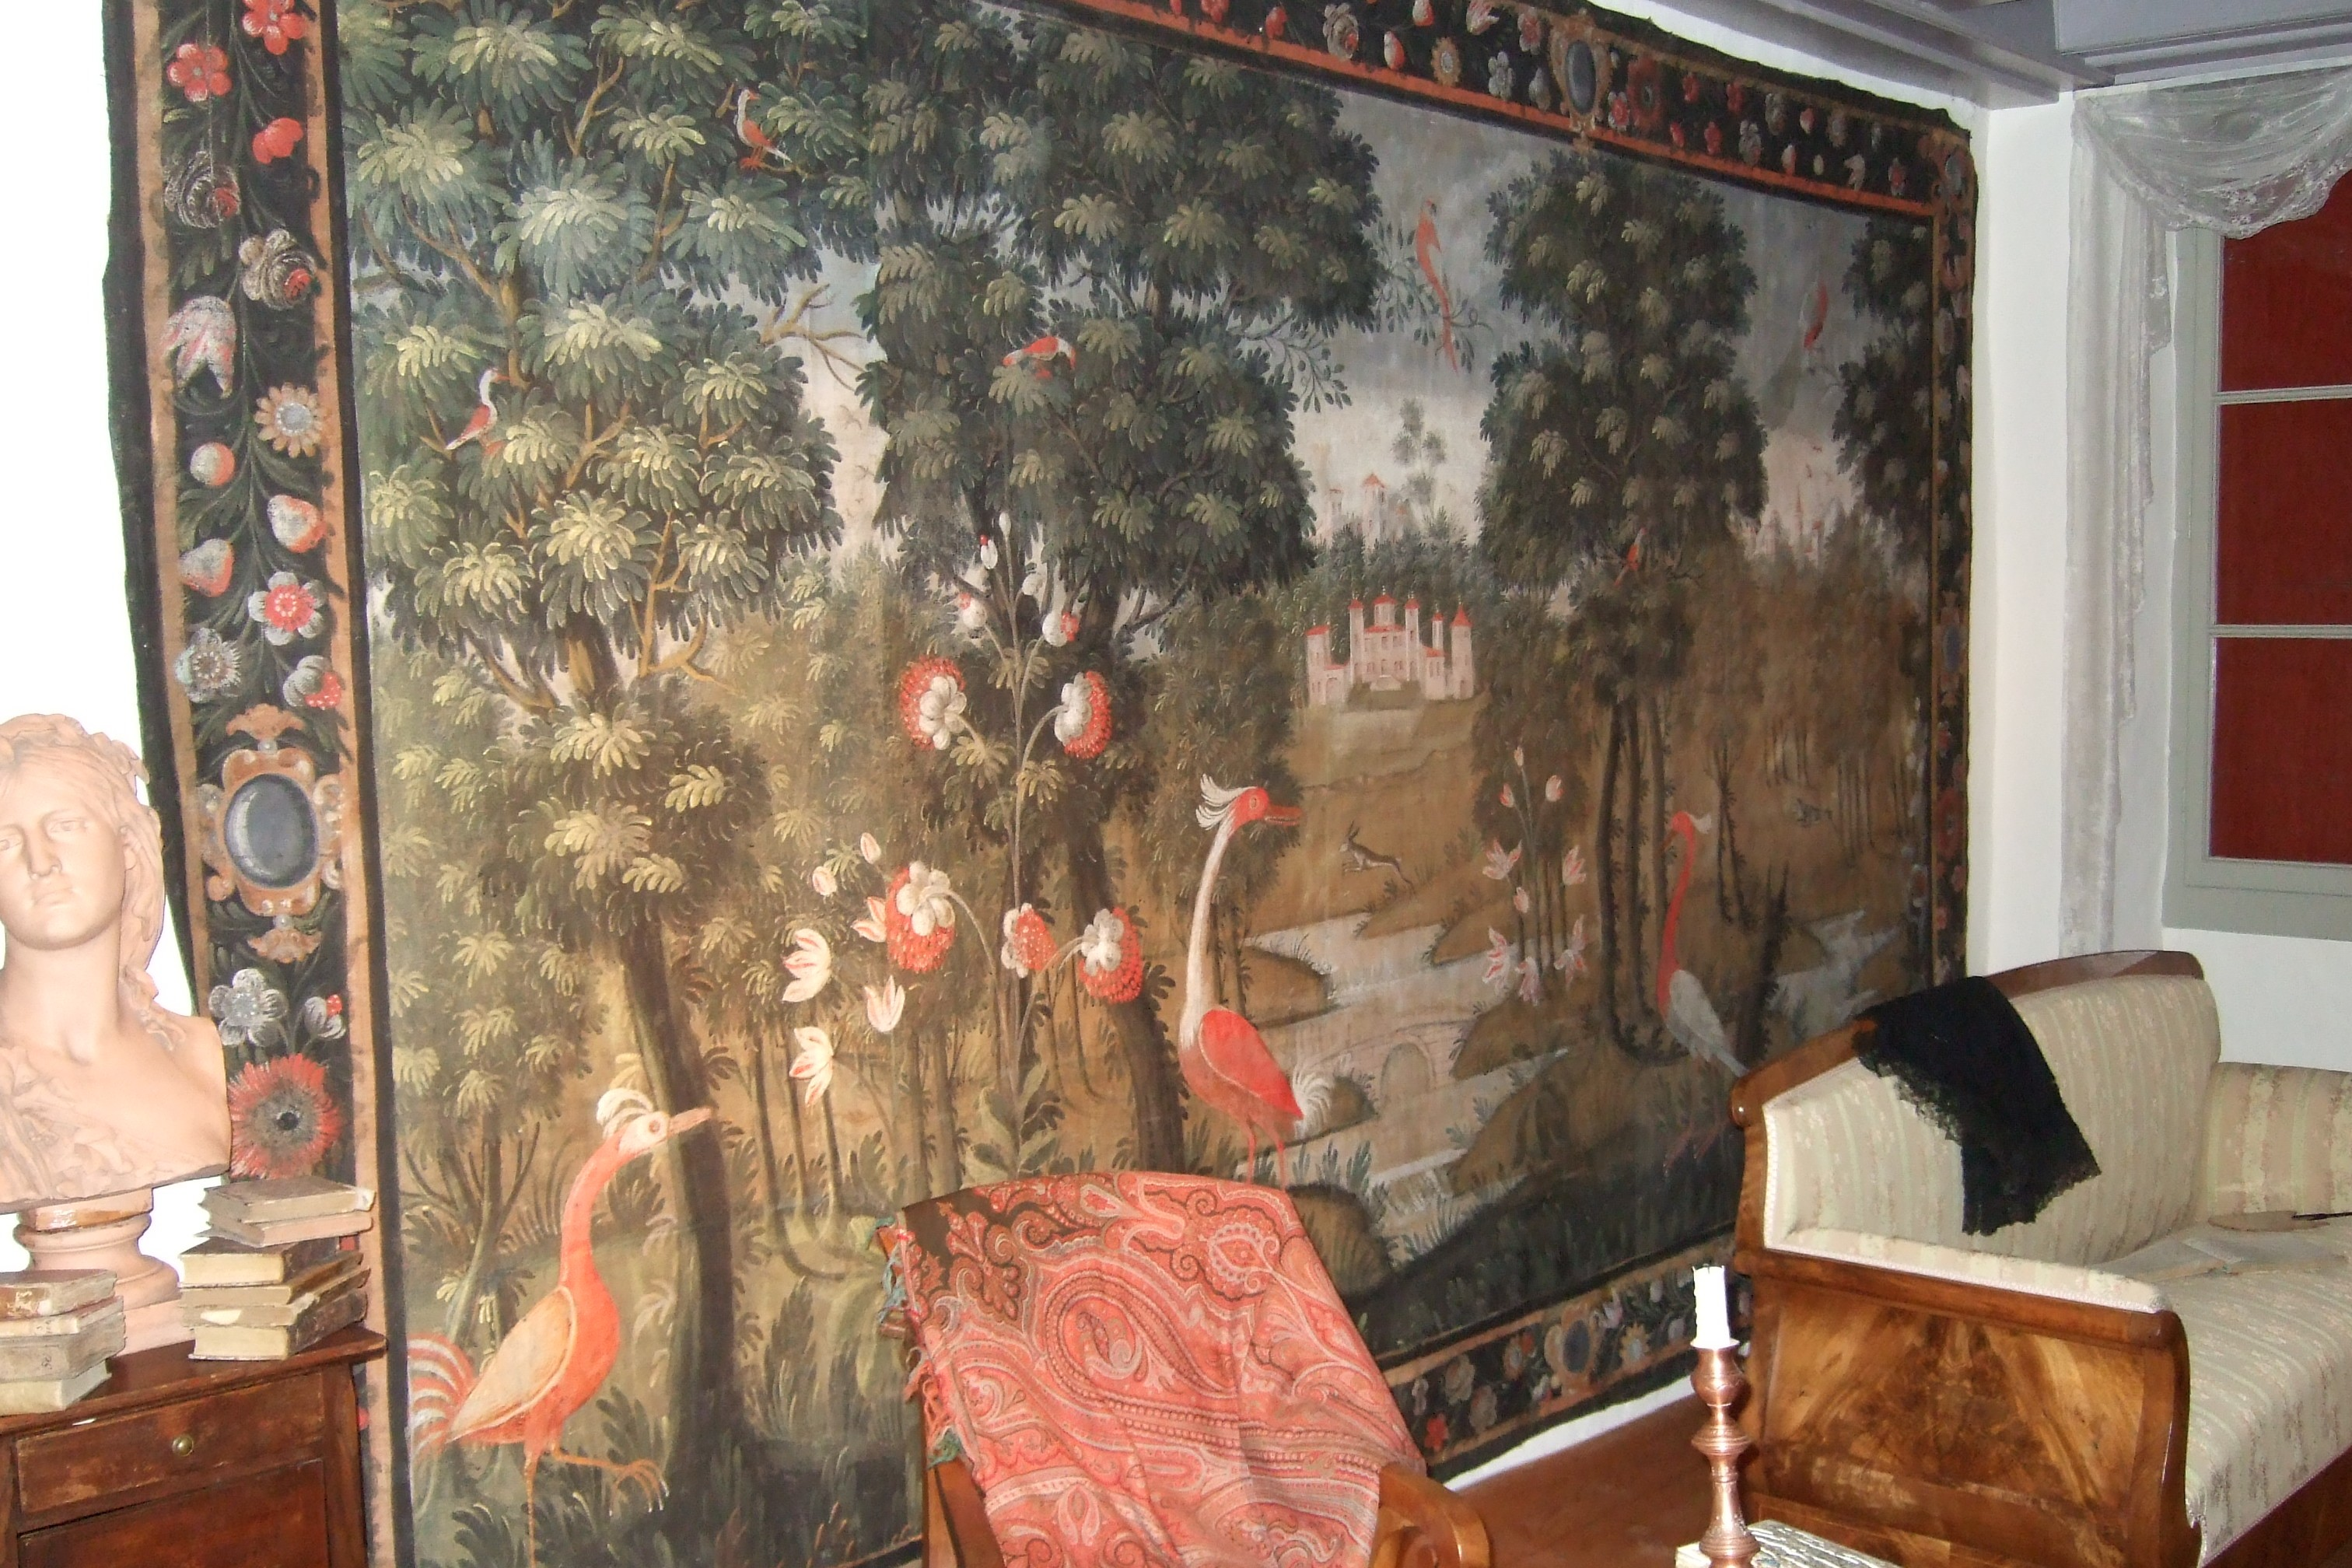 Art Et Decoration Juin 2017 fichier:moudon, musée du vieux-moudon, vue intérieure